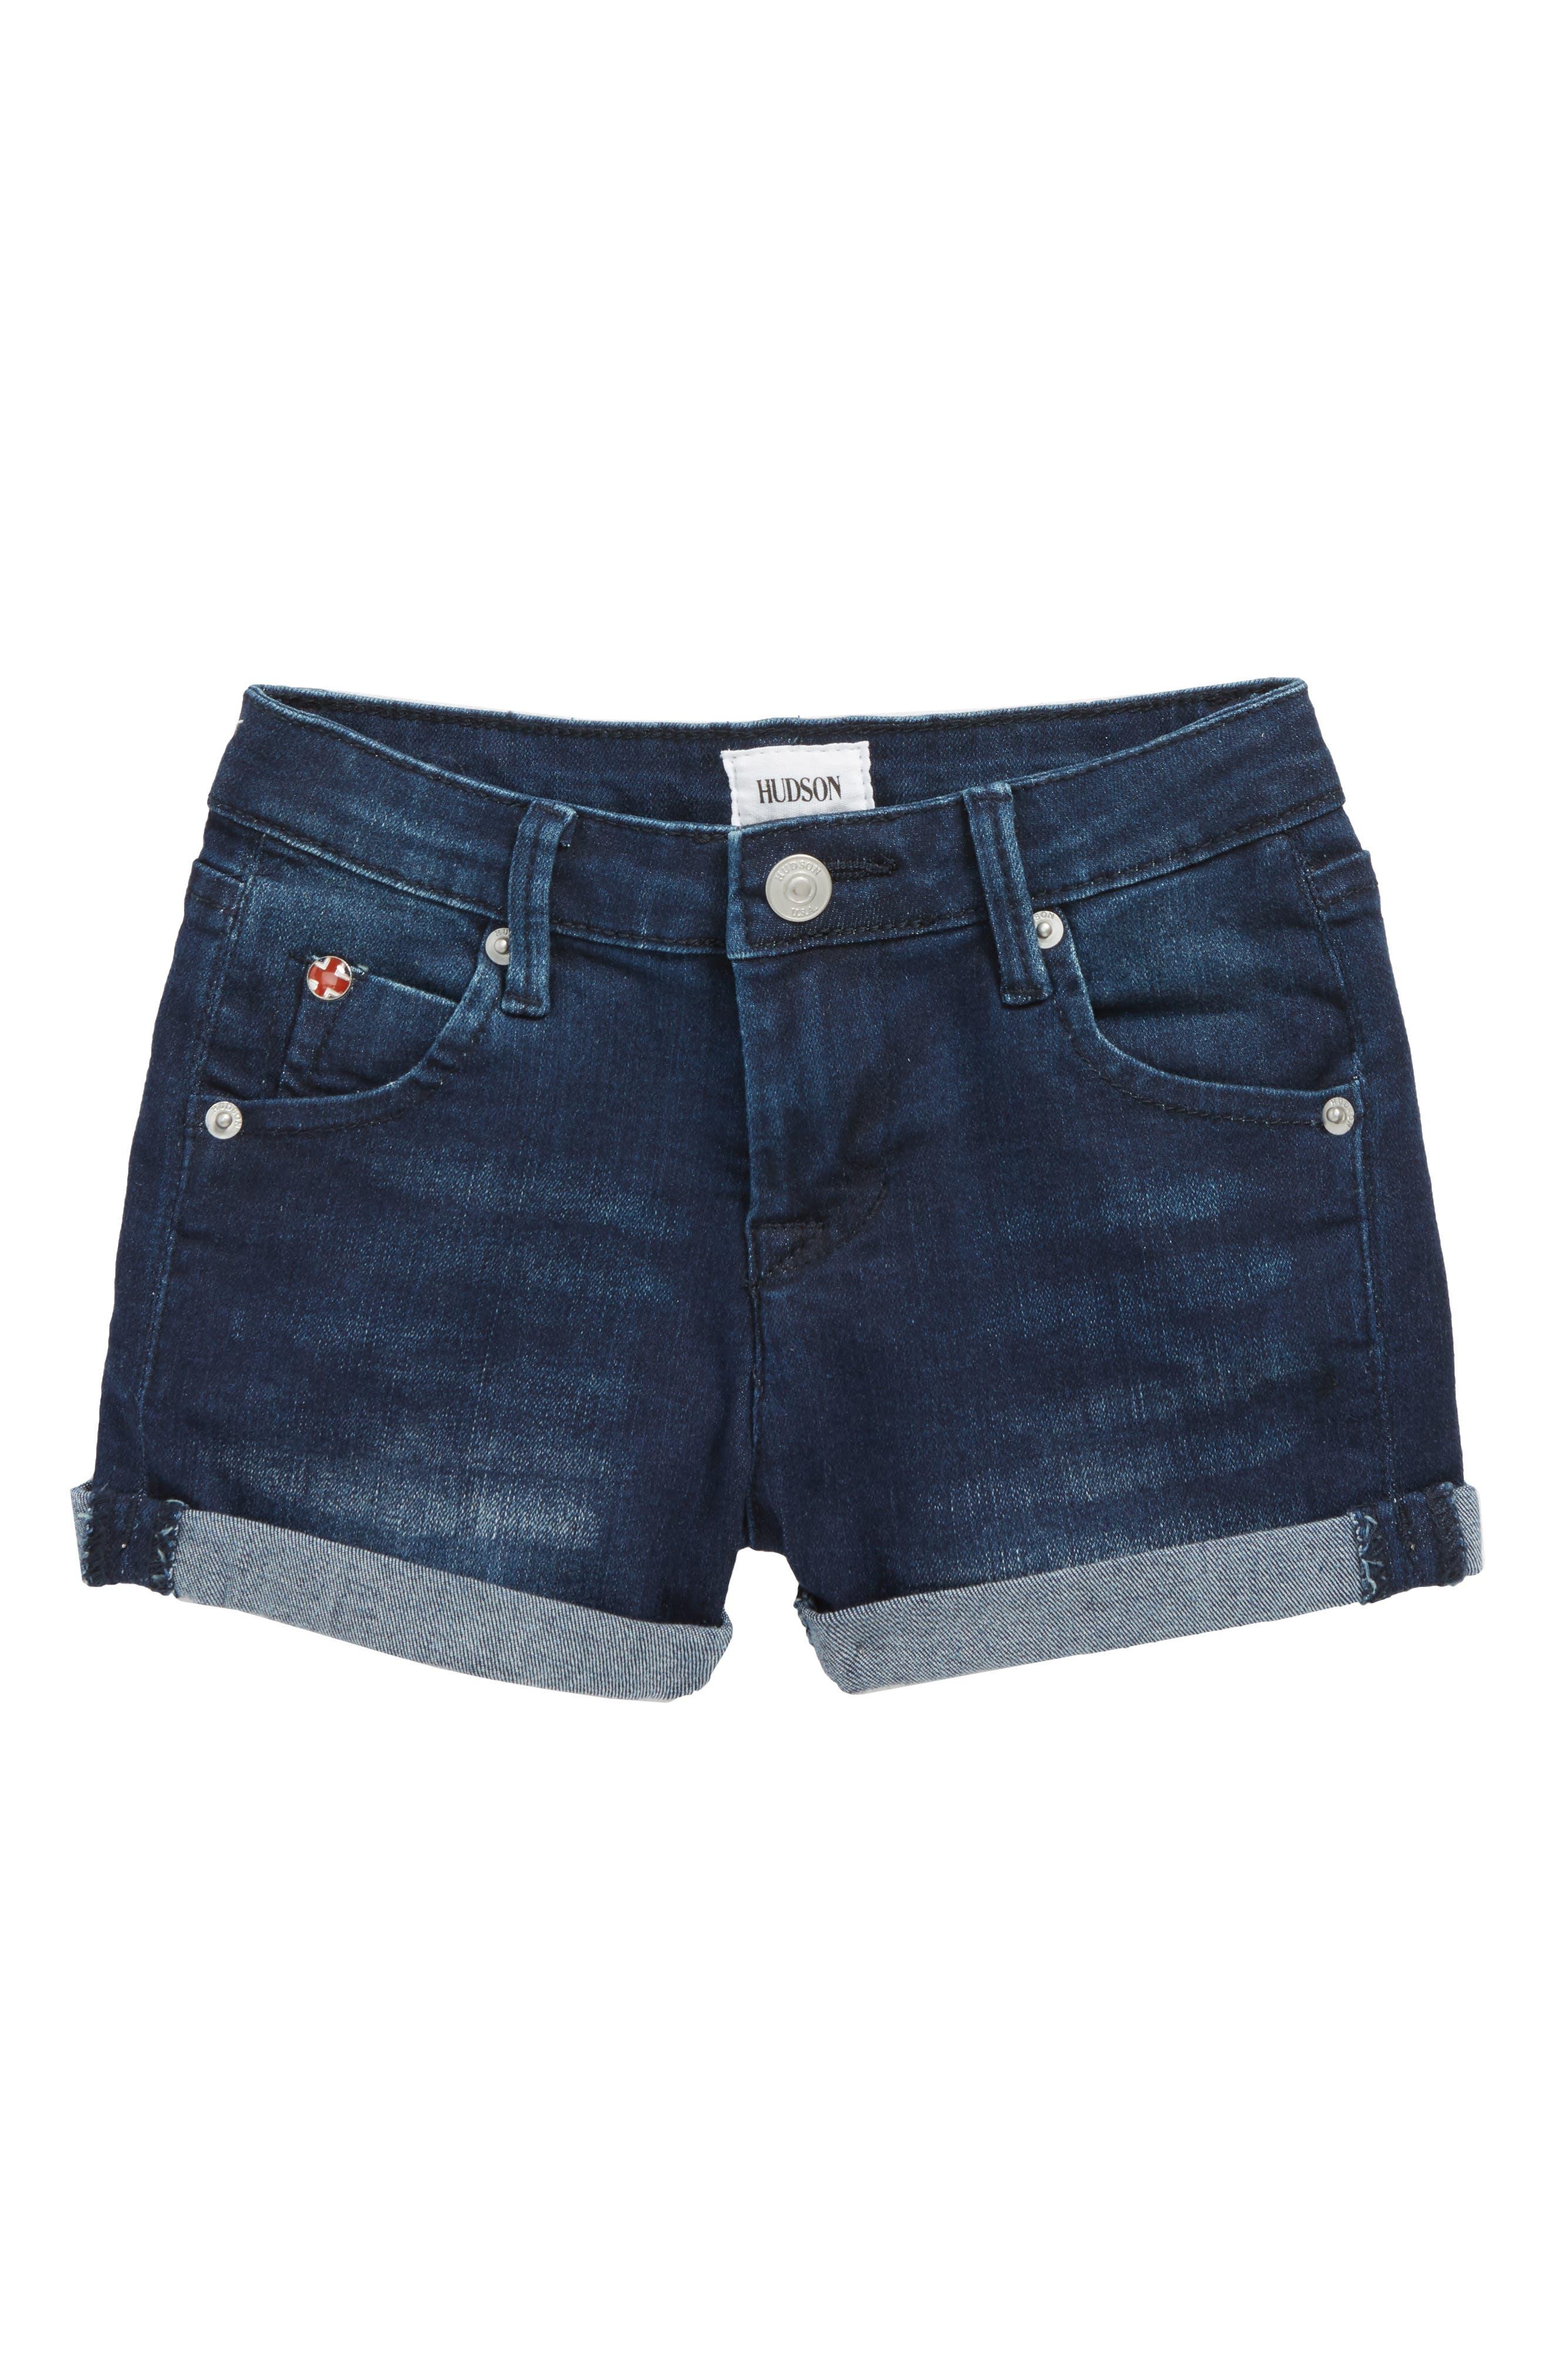 Hudson Kids Roll Cuff Denim Shorts (Toddler Girls & Little Girls)